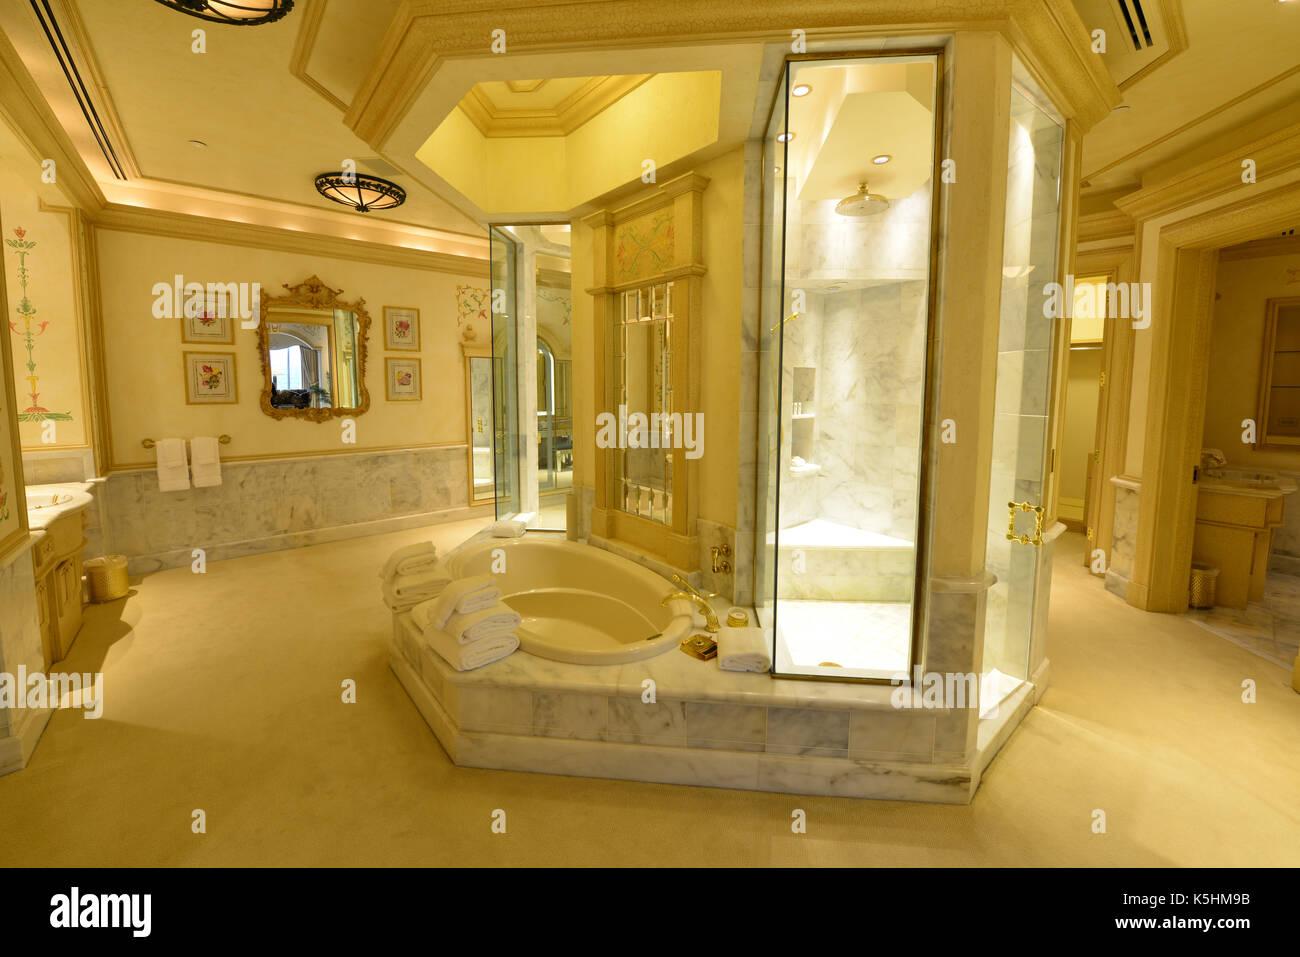 Salle De Bain Hilton ~ la salle de bains la suite de l h tel hilton qu elvis presley